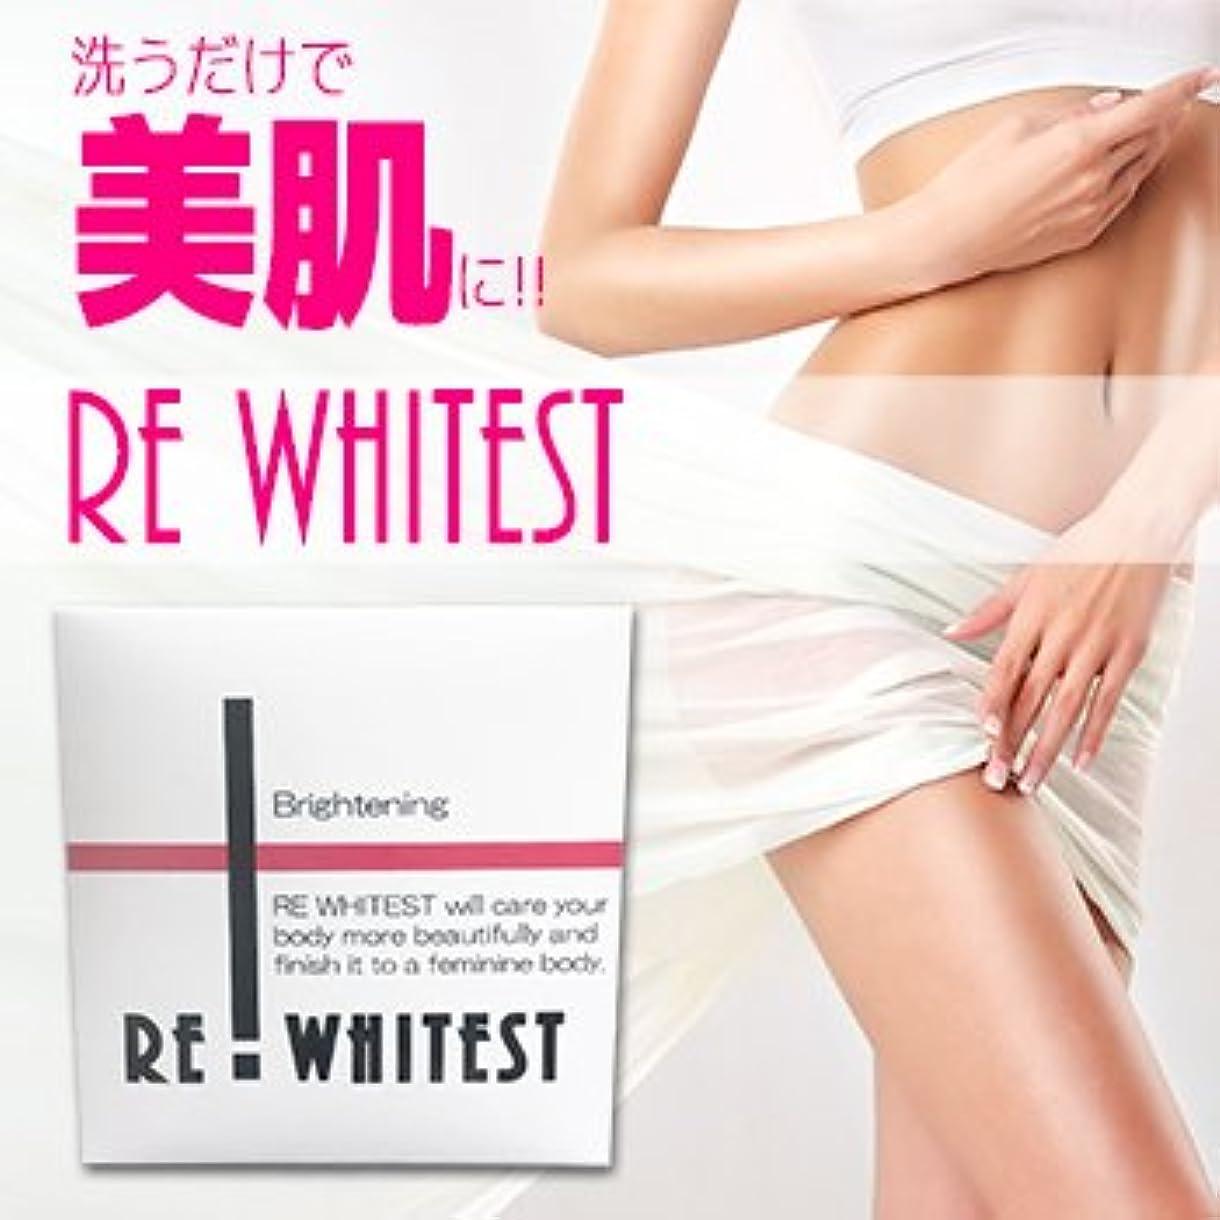 ネクタイ木支払うパパイン+イソフラボン配合女性用美肌石鹸 REWHITEST-リホワイテスト-